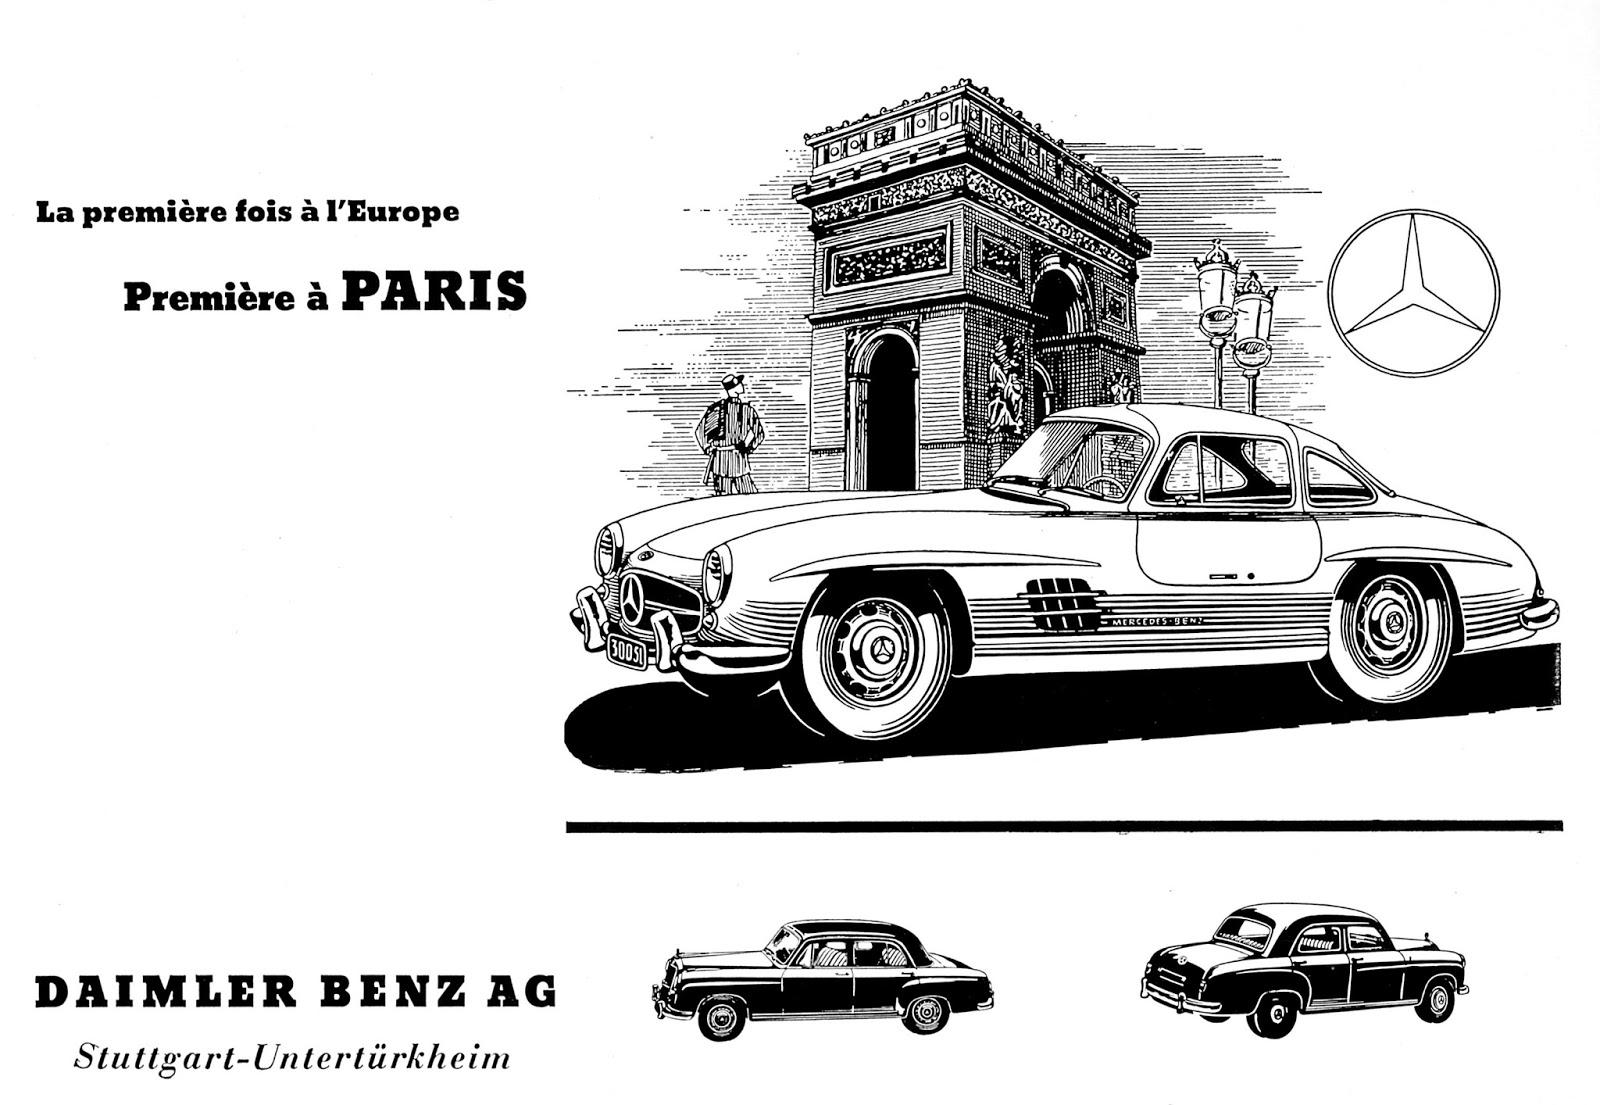 1952-24 Hours Le Mans France Automobile Race Car Advertisement Vintage Poster